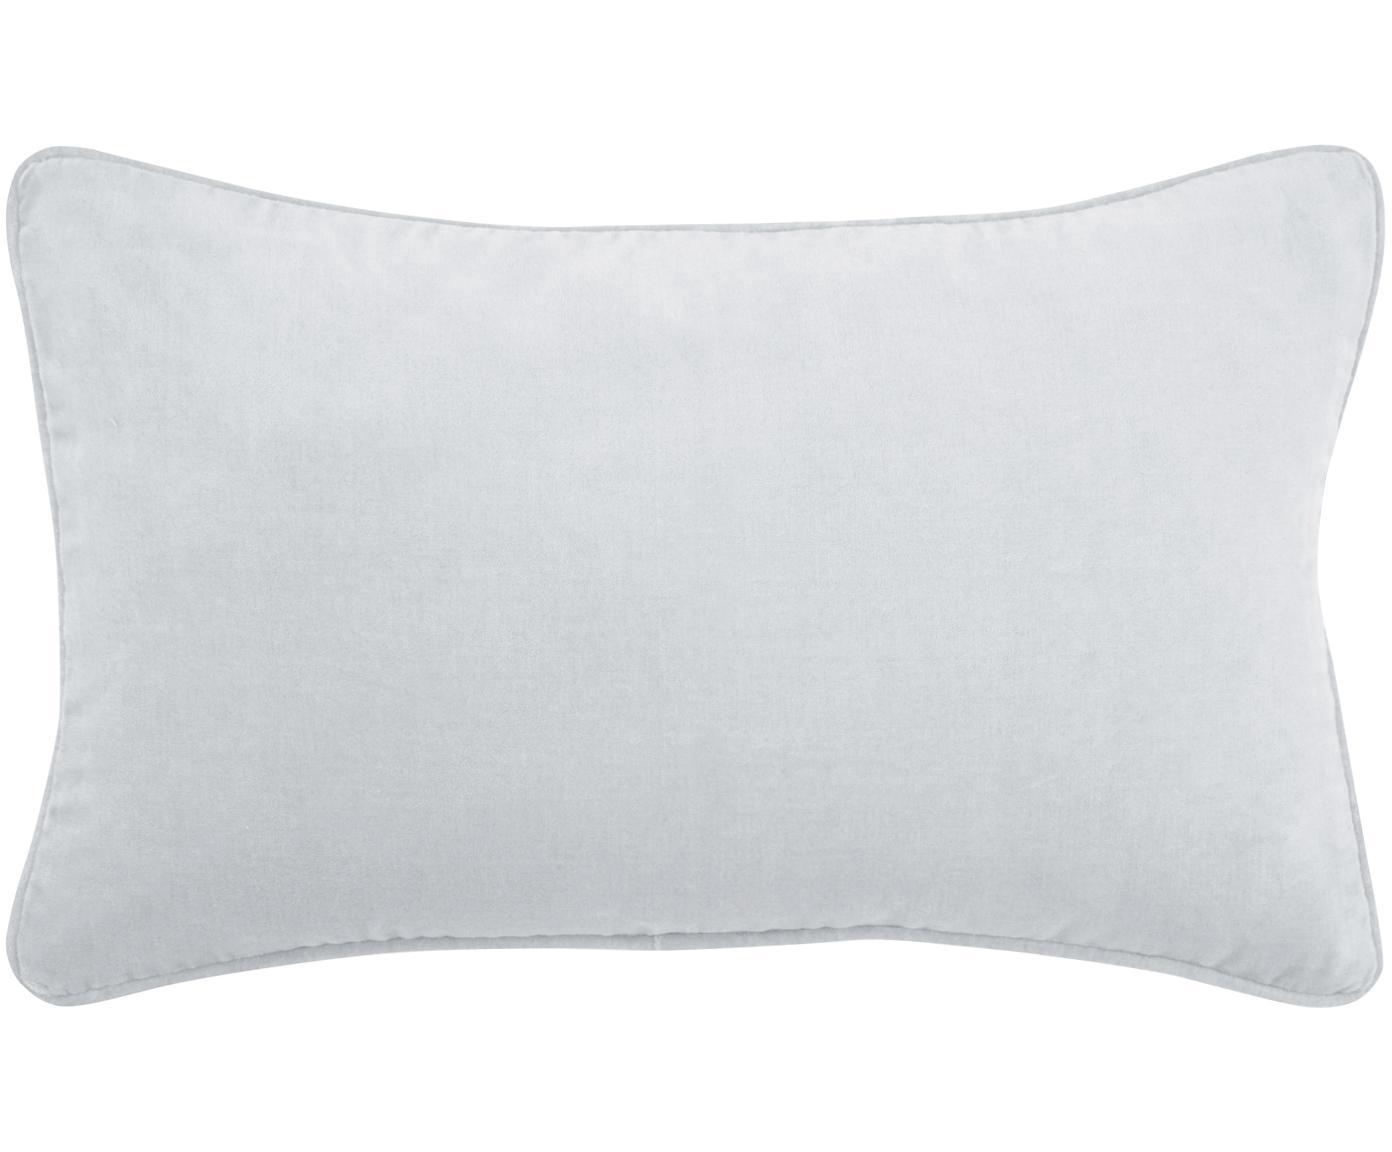 Poszewka na poduszkę z aksamitu Dana, 100% aksamit bawełniany, Jasny szary, S 30 x D 50 cm